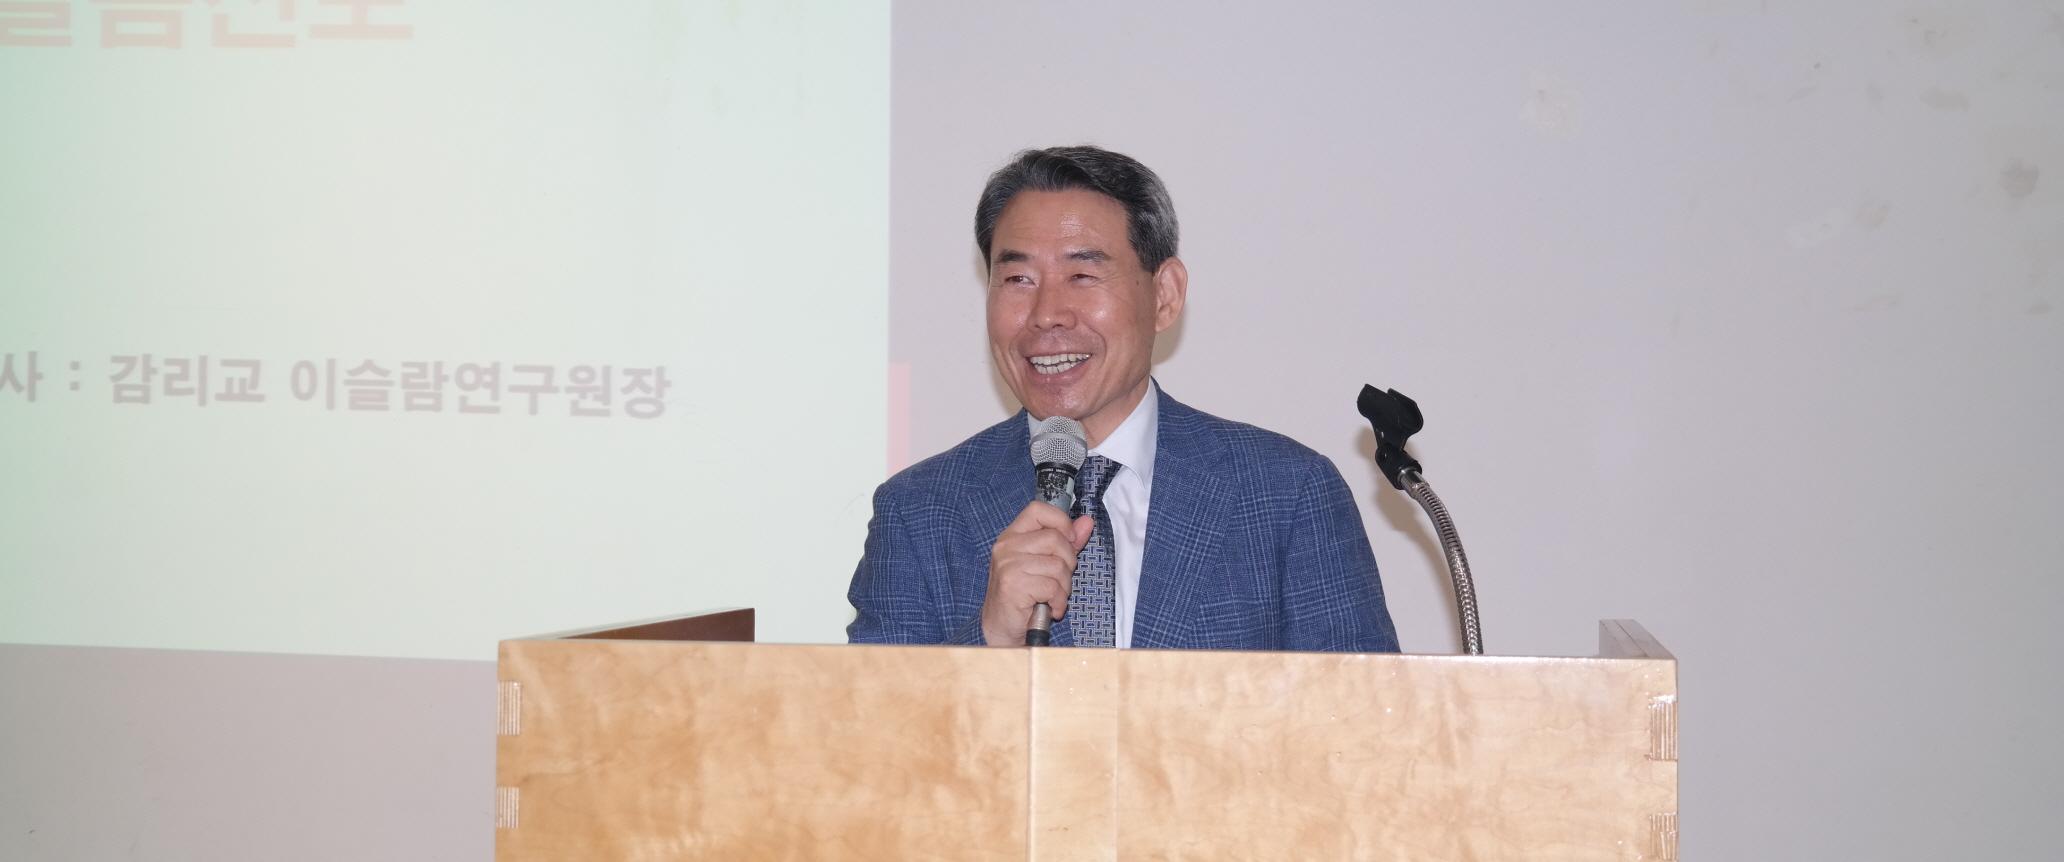 꾸미기_김진홍.JPG